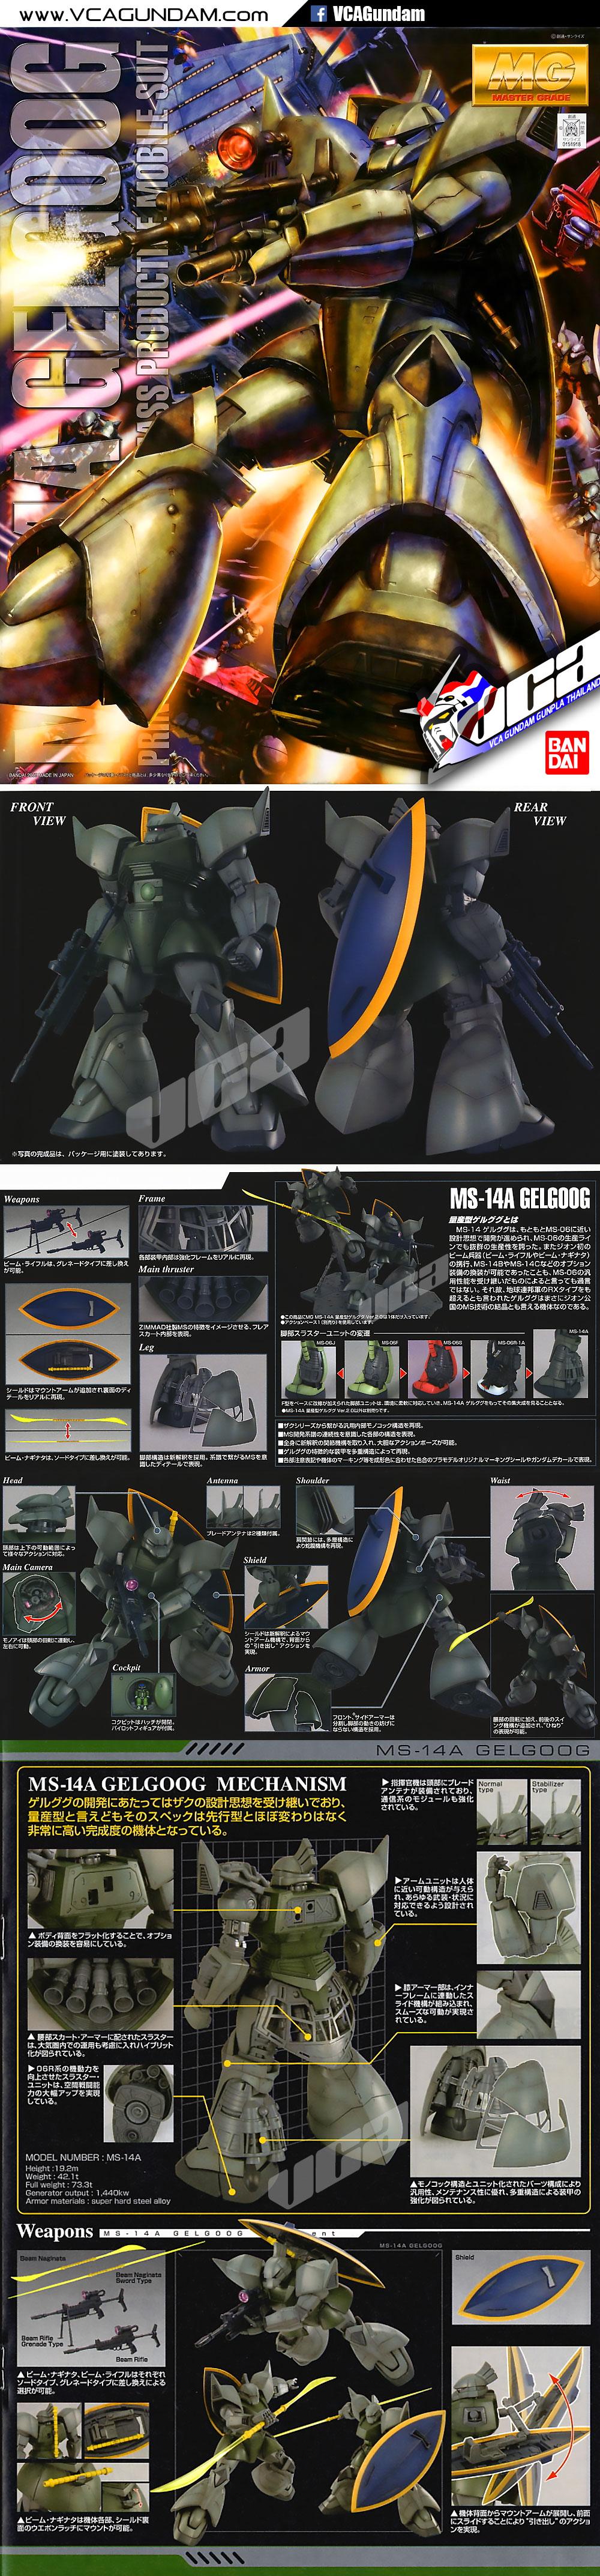 MG MS-14A GELGOOG VER 2.0 เจลก็อก